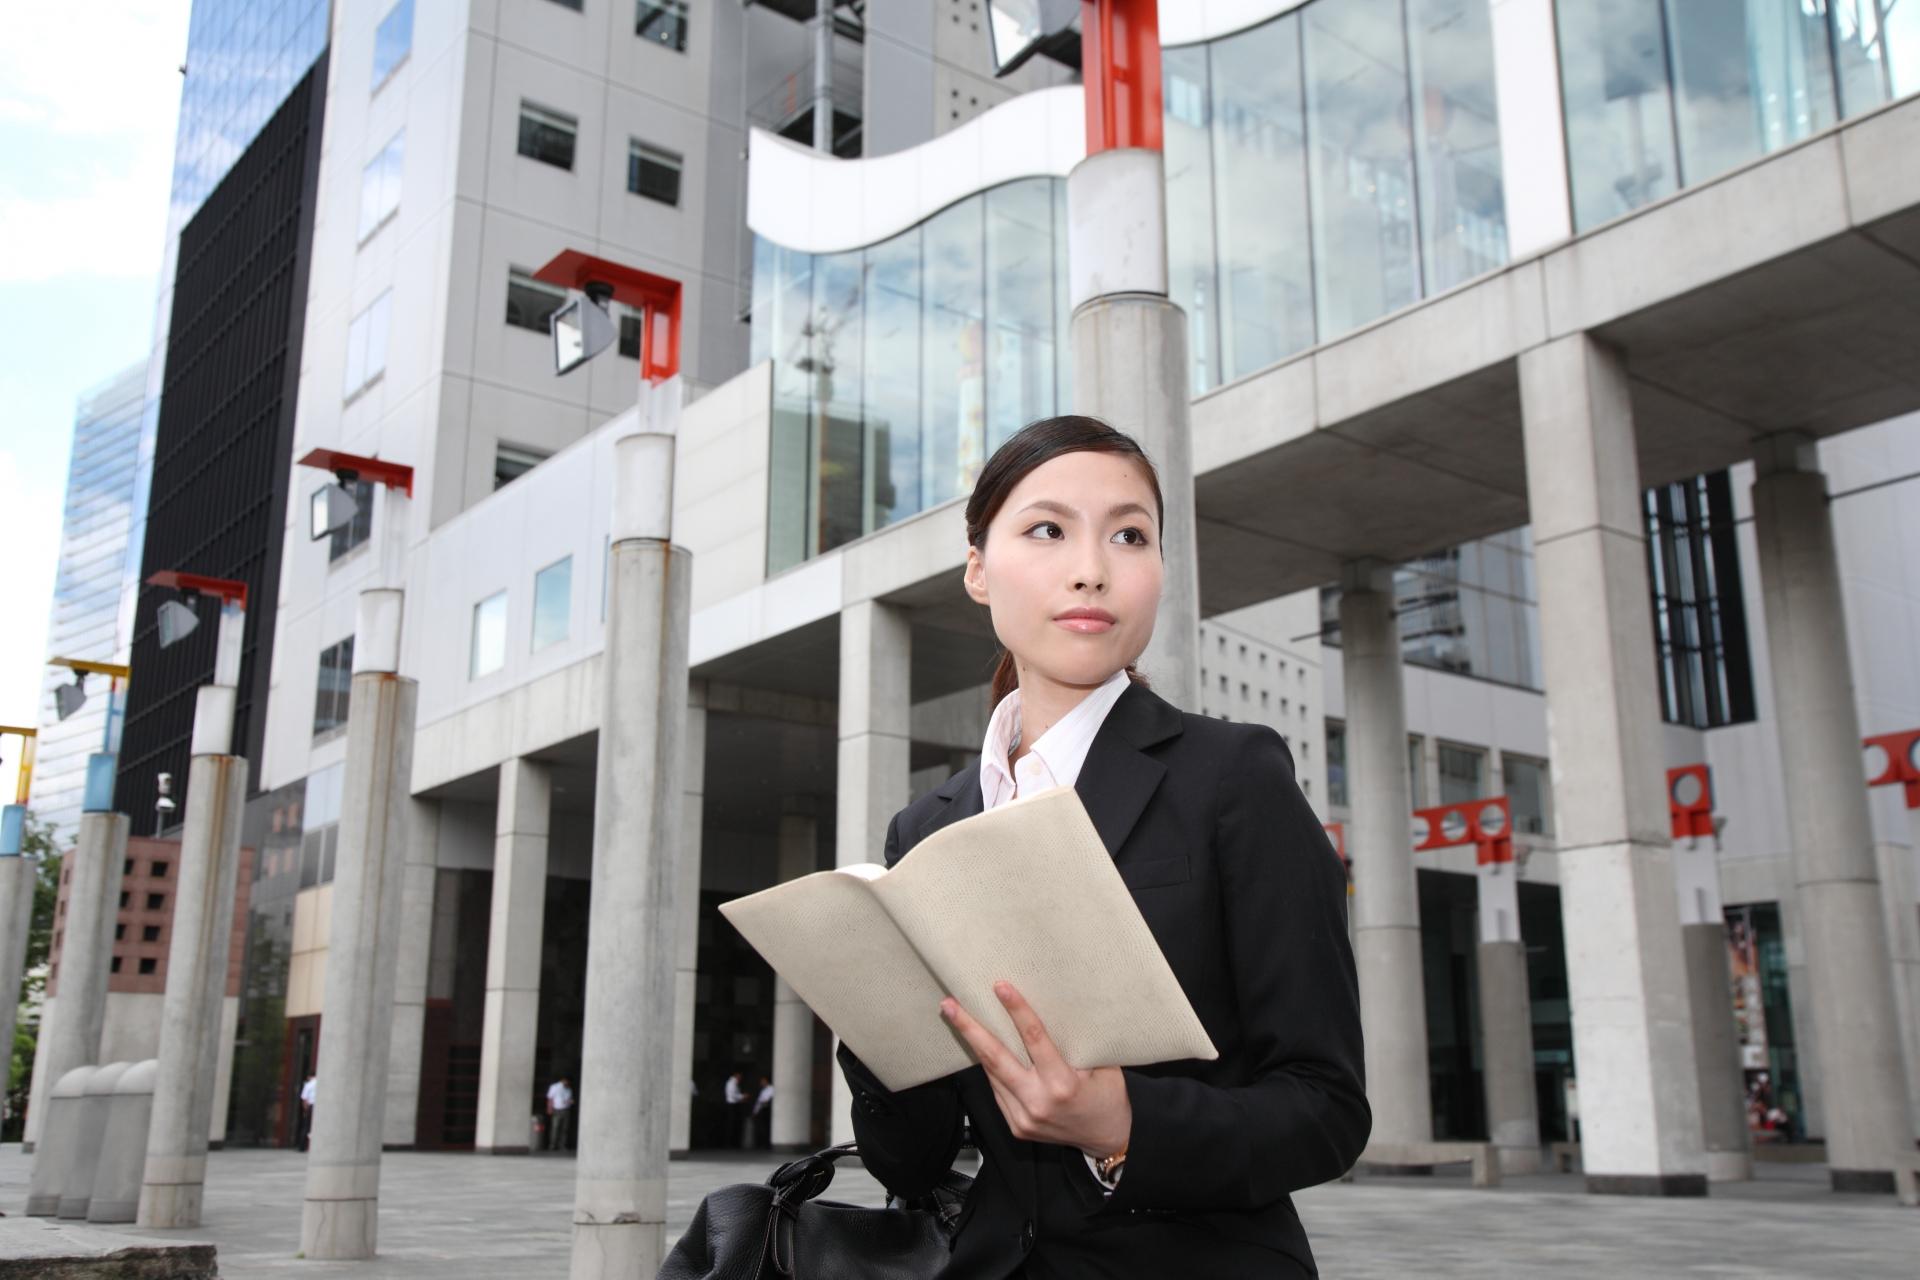 営業職の女性が抱える悩みとは?女性ならではの辛い現状とは。